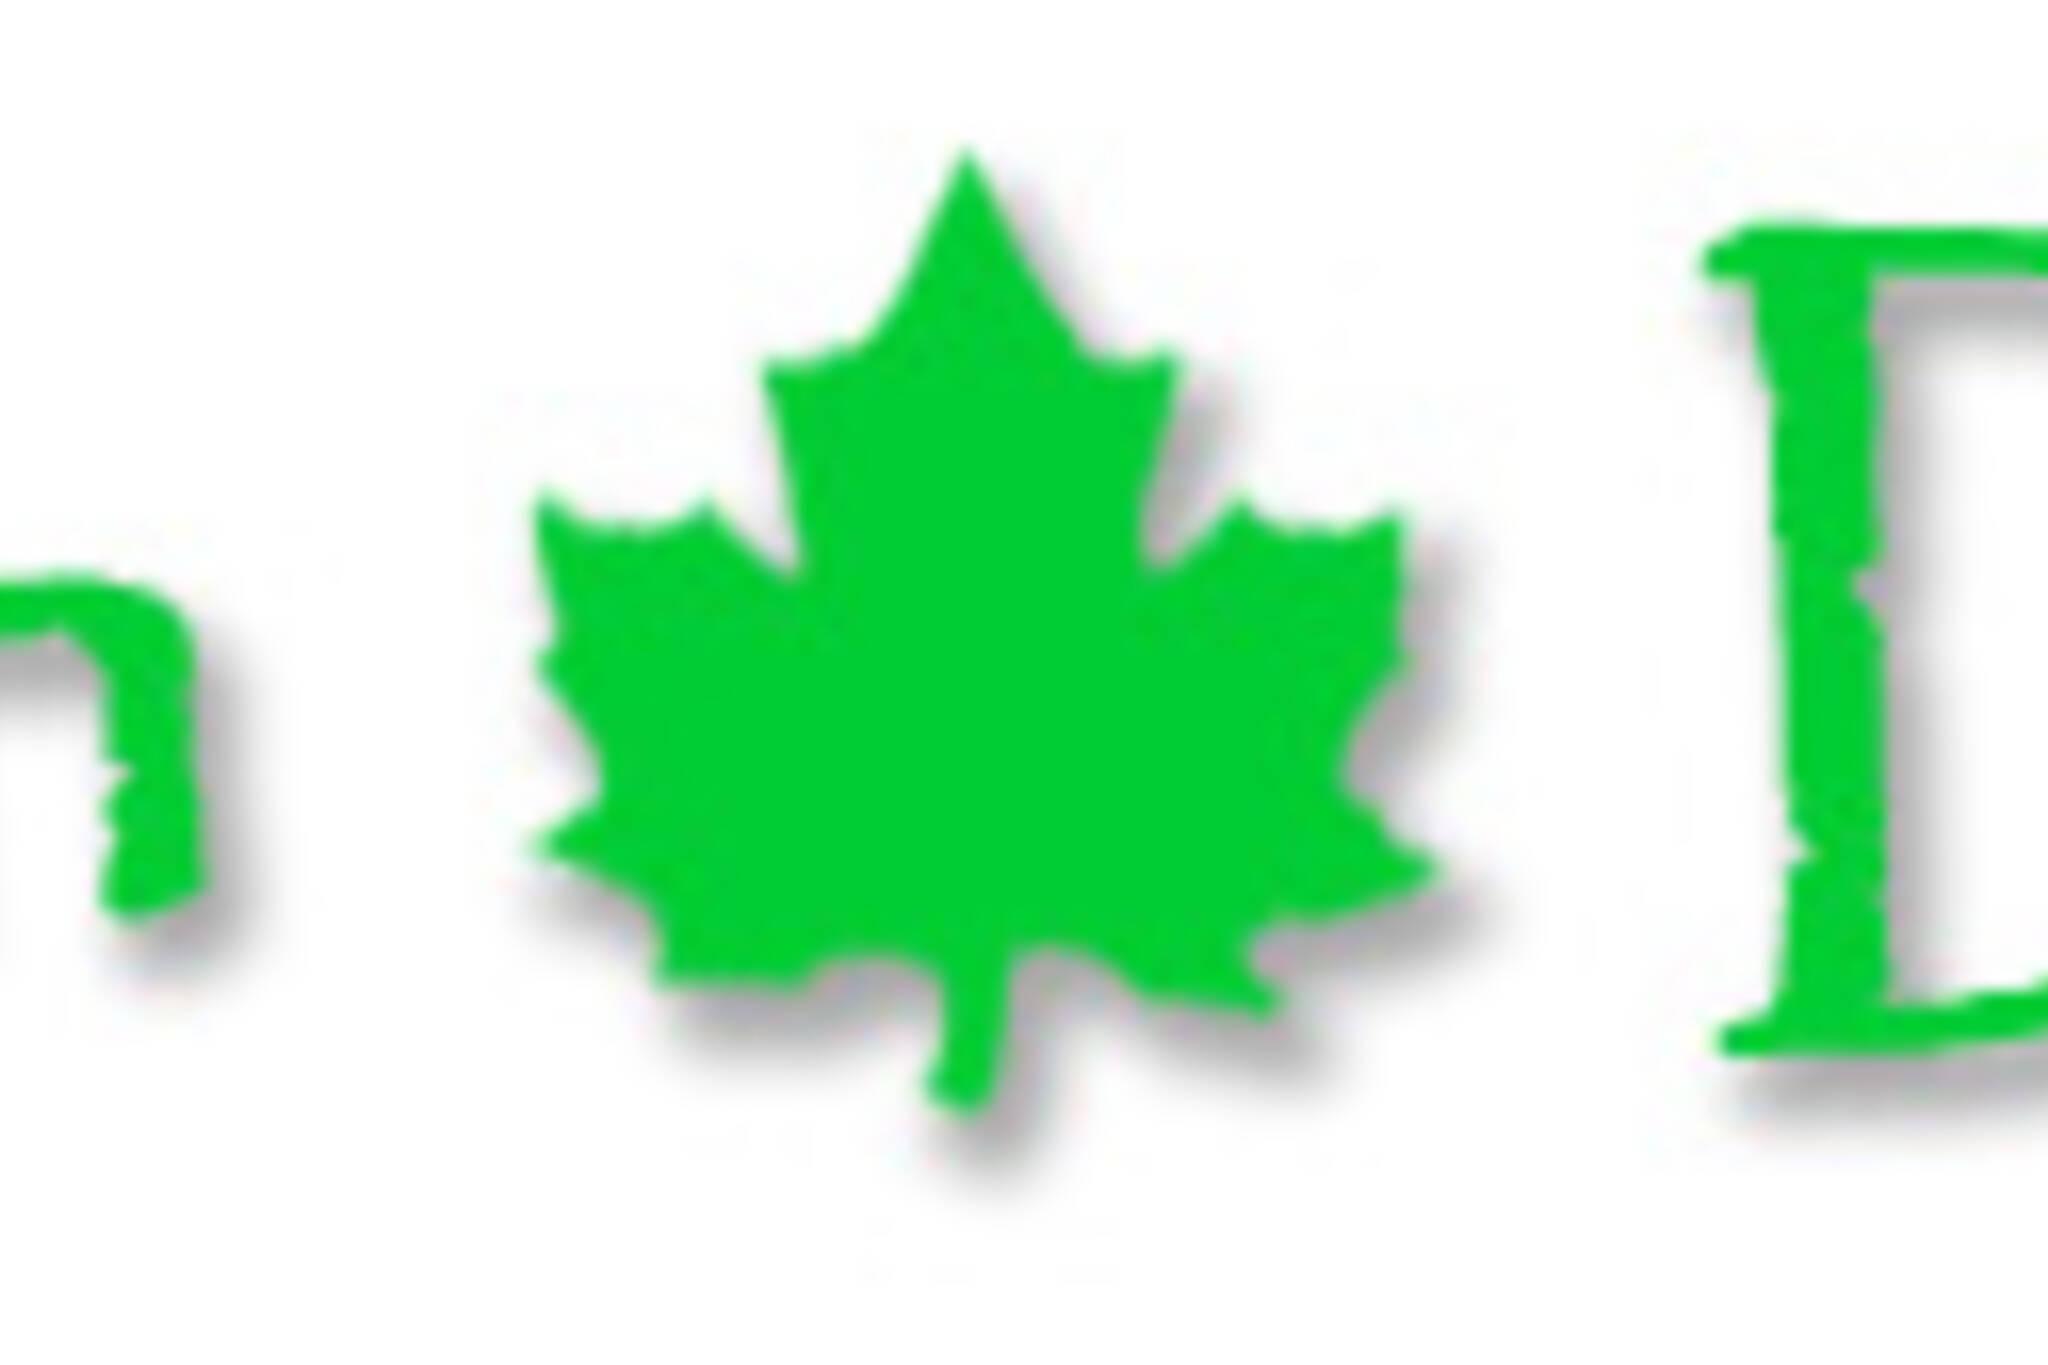 20070115_greendrinks.jpg